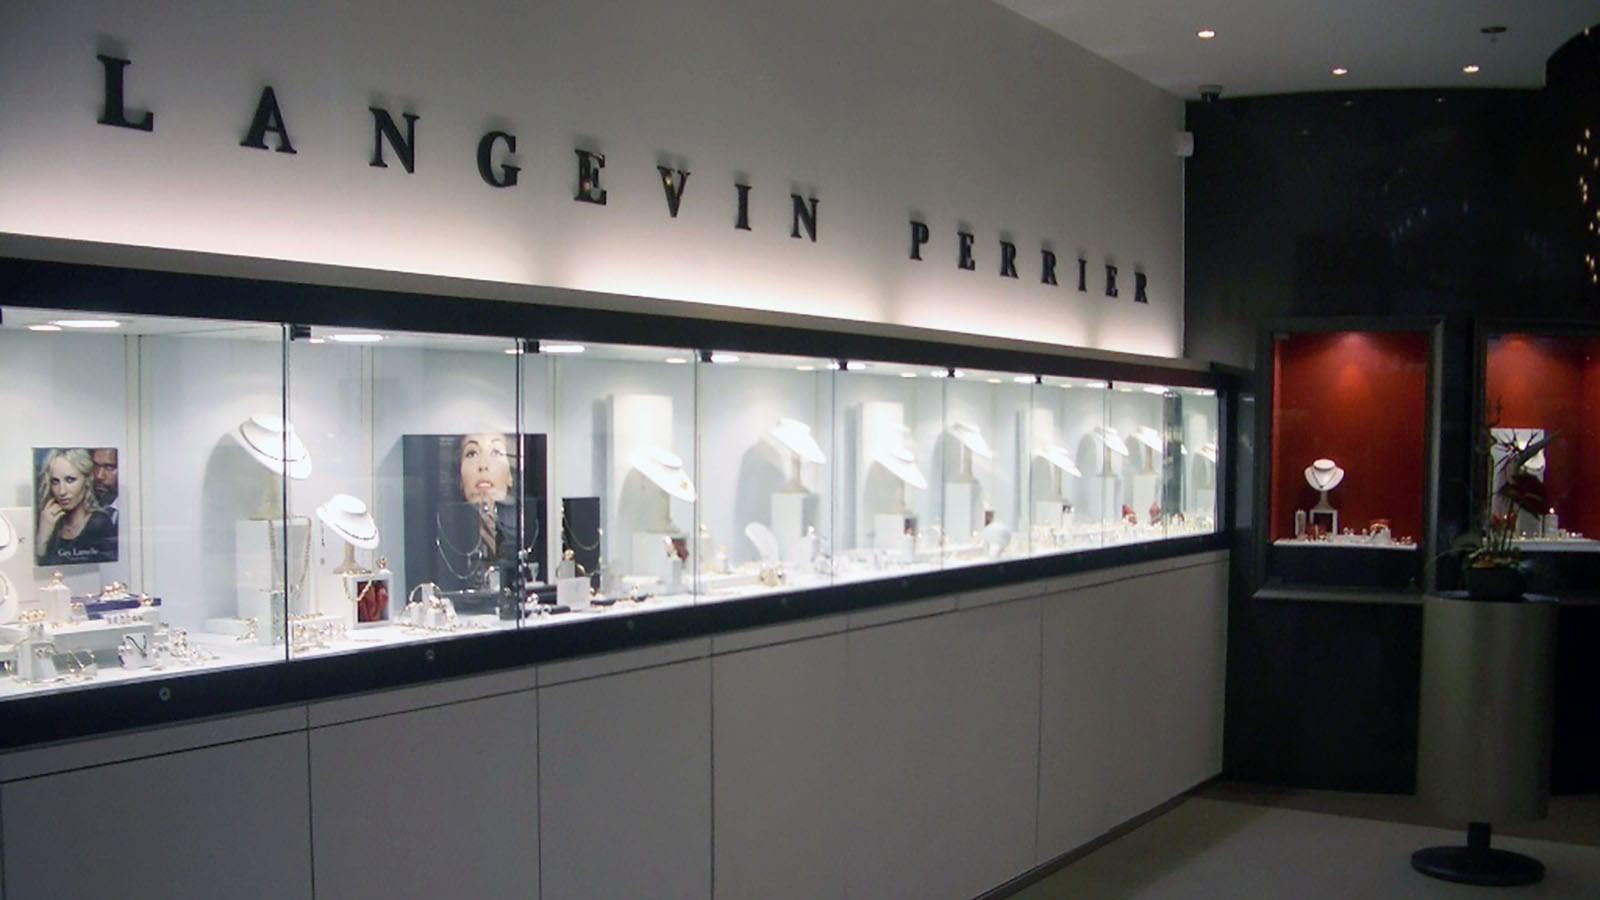 Bijouterie Langevin Perrier Rennes Efi Design (2)